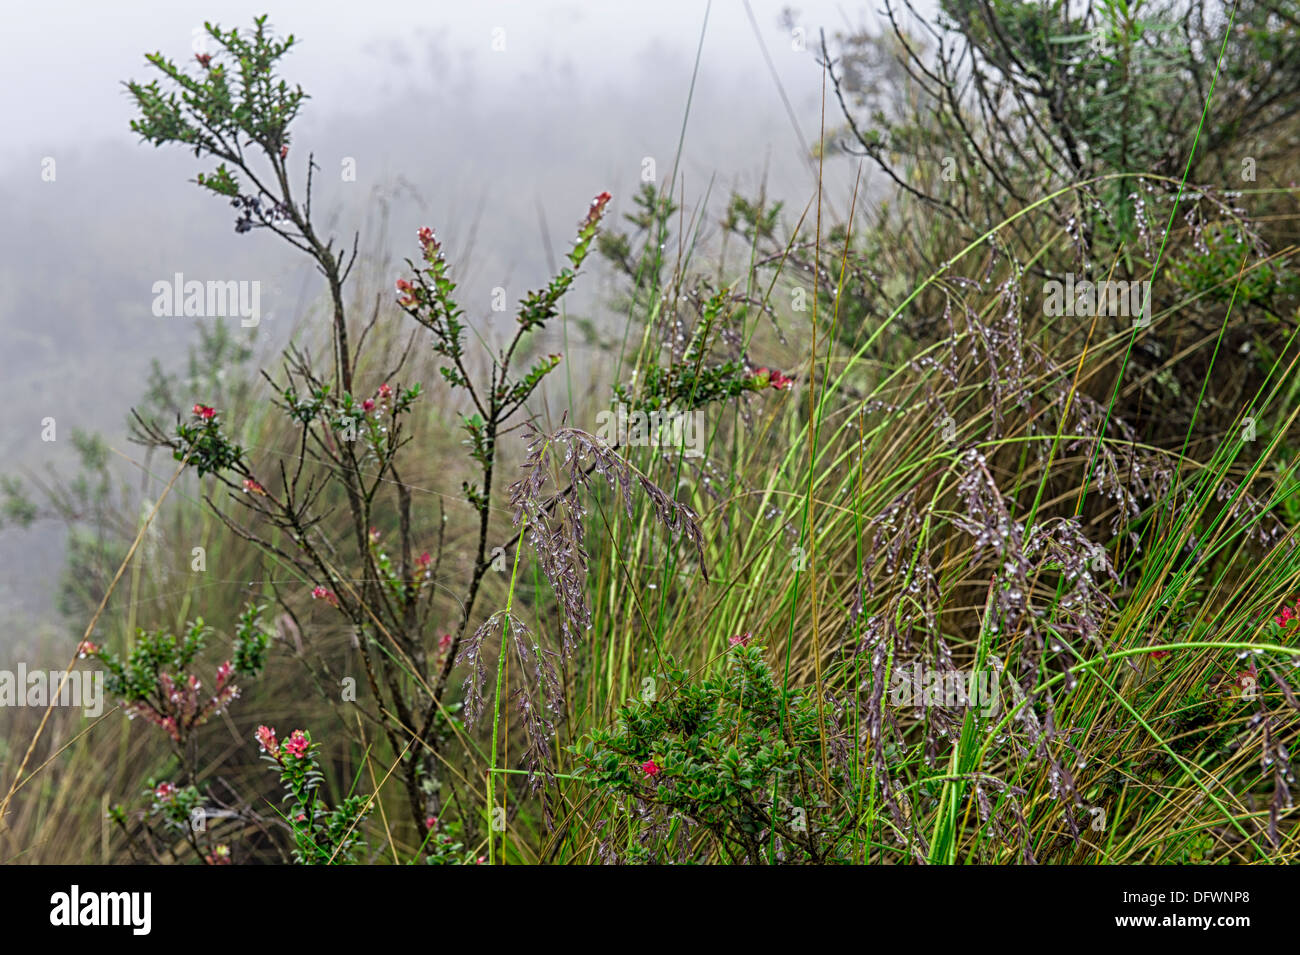 Cotopaxi-Nationalpark, Vegetation, Provinz Cotopaxi, Ecuador Stockbild